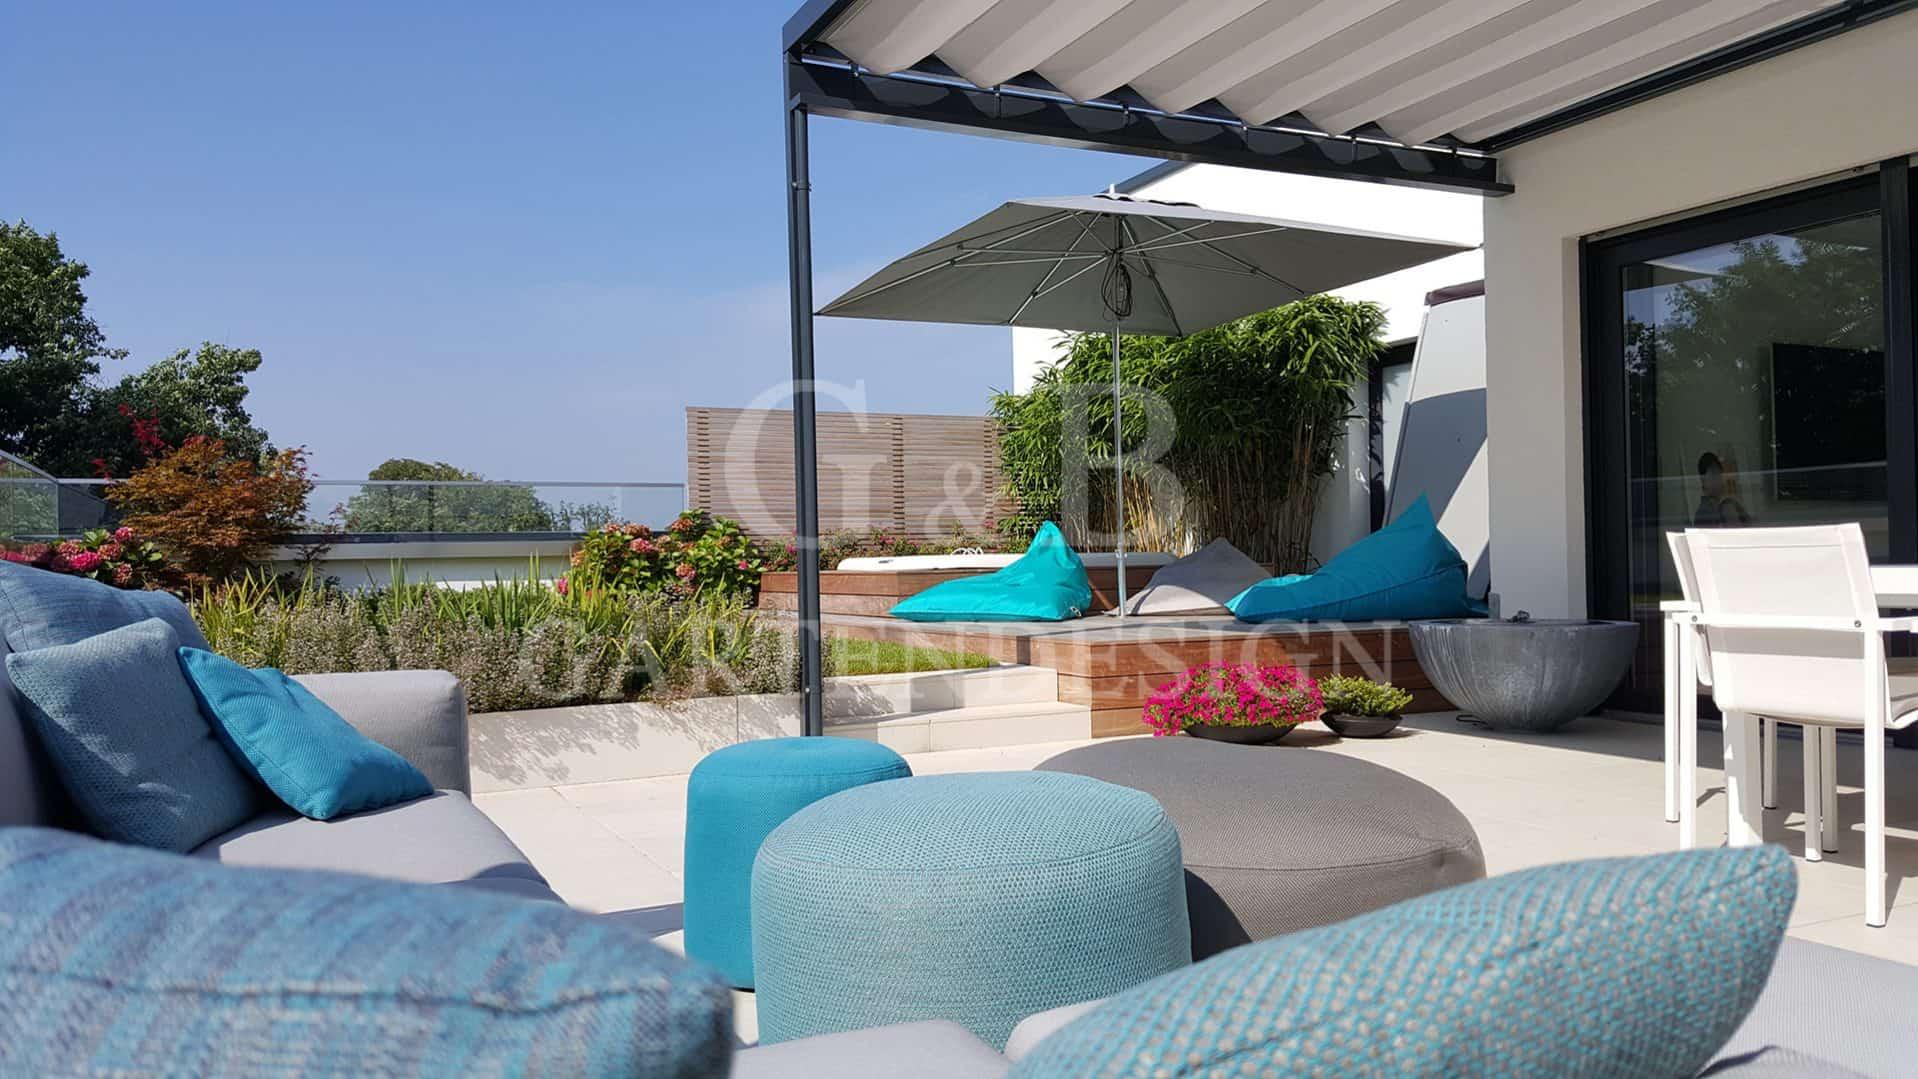 dachterrassen terrassengestaltungen gempp gartendesign. Black Bedroom Furniture Sets. Home Design Ideas